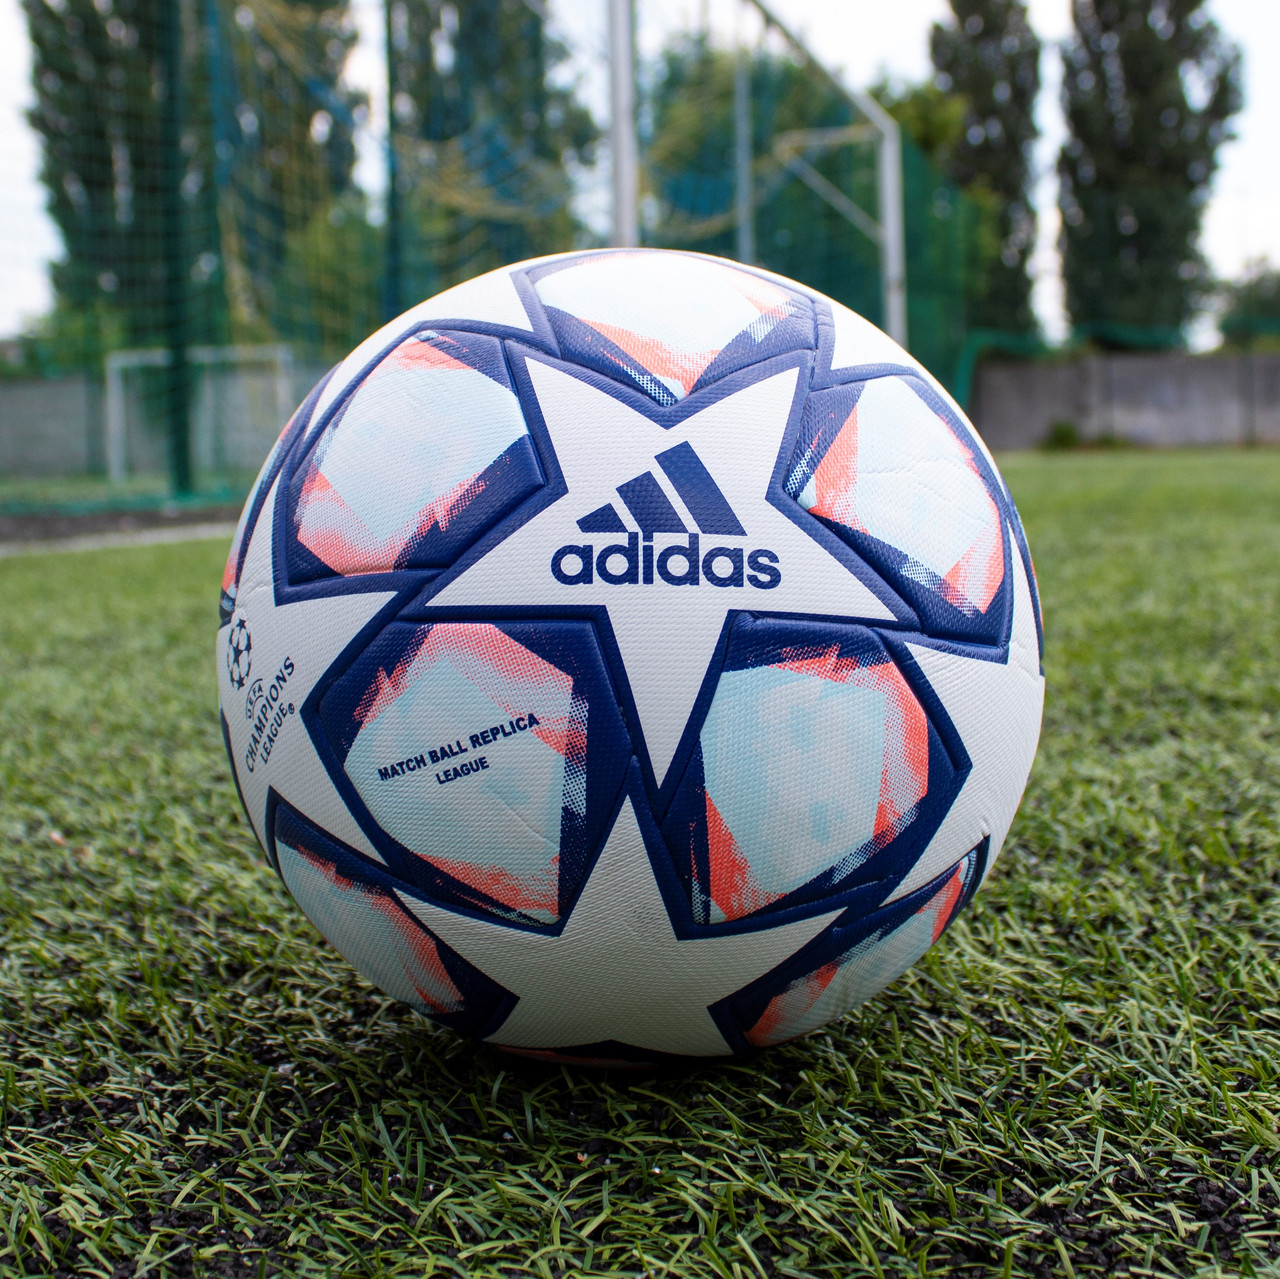 Футбольный мяч Adidas UEFA Champions League Final 2020 Official Match Ball